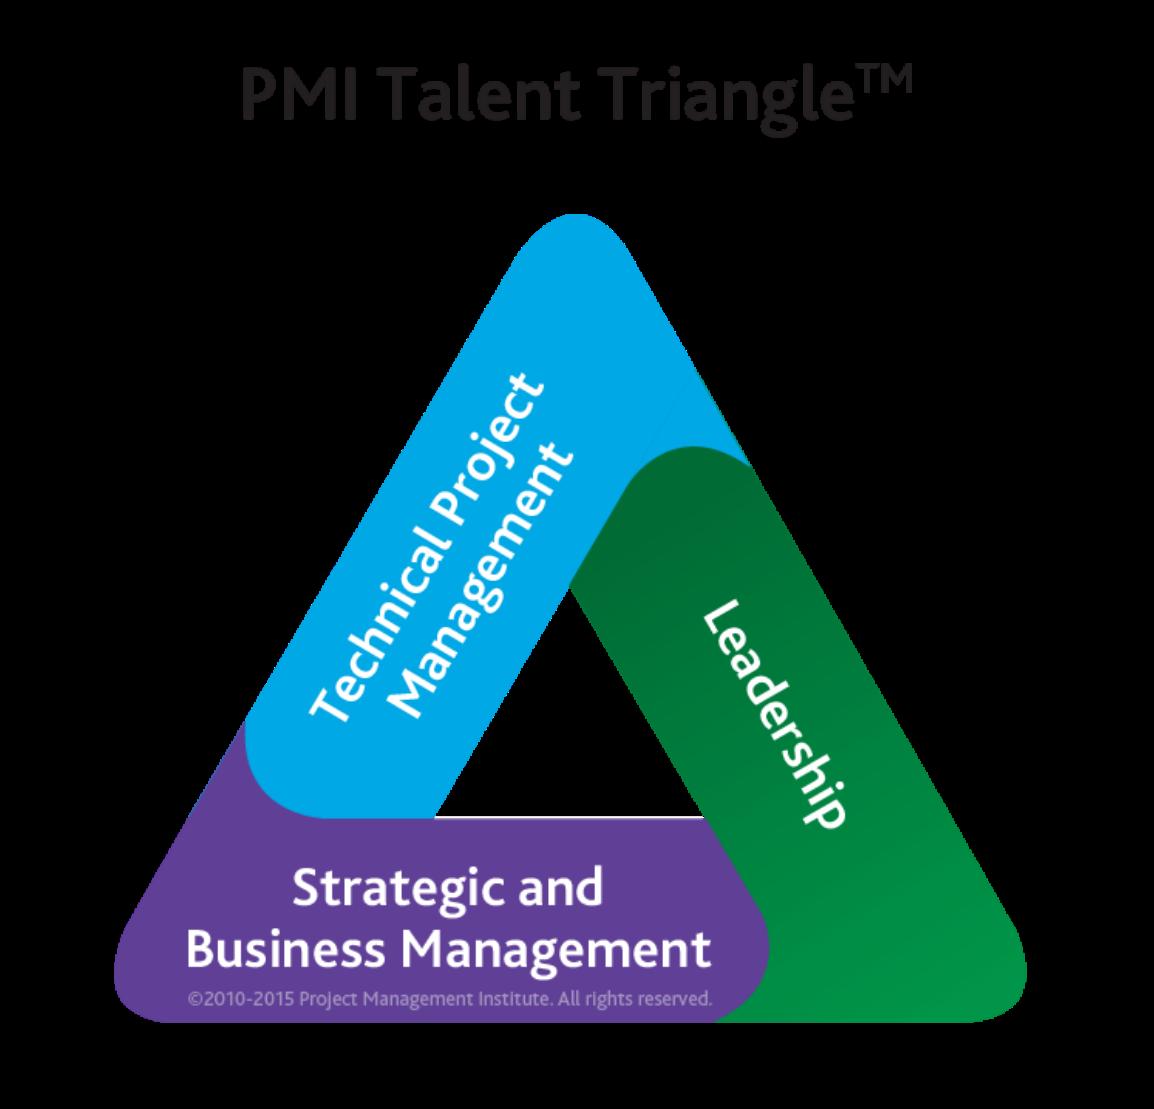 projektové riadenie kurzy PMI triangel